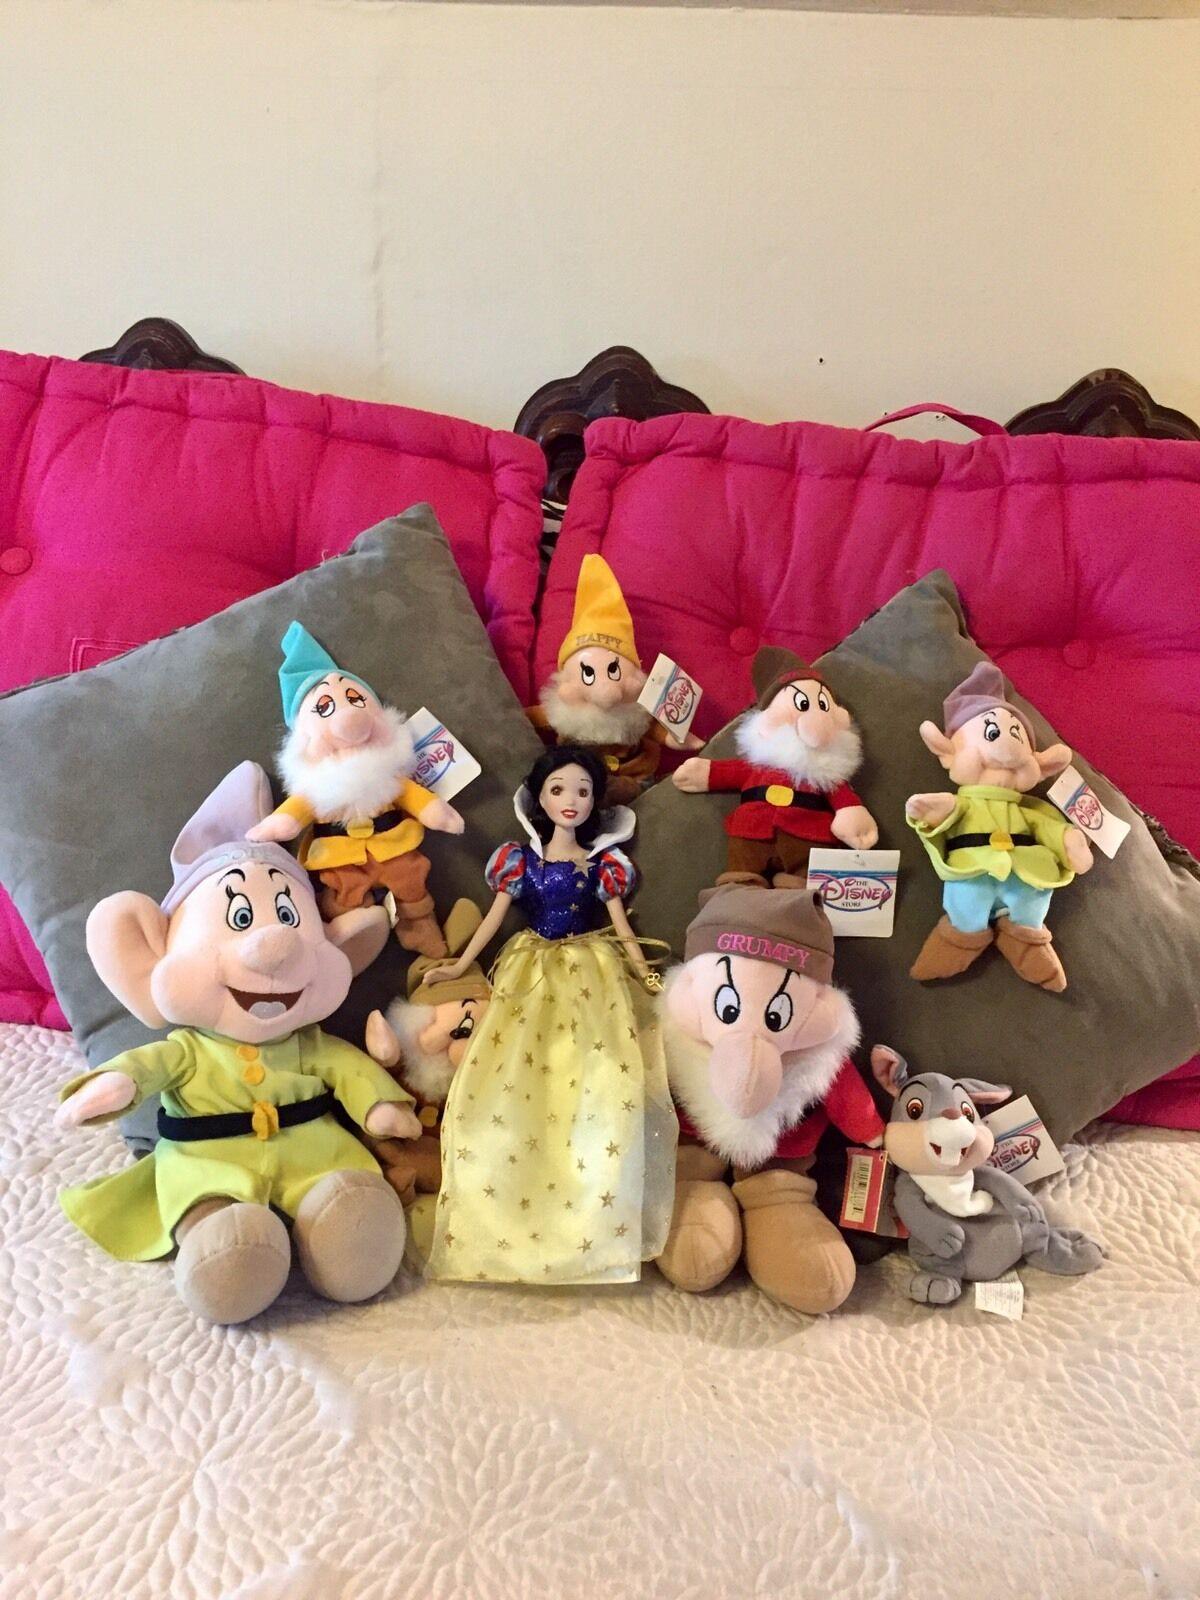 Lot 9 Snow White Porcelain Brass Key Doll NWT Stuffed Mini Dwarfs 2 Big Thumper